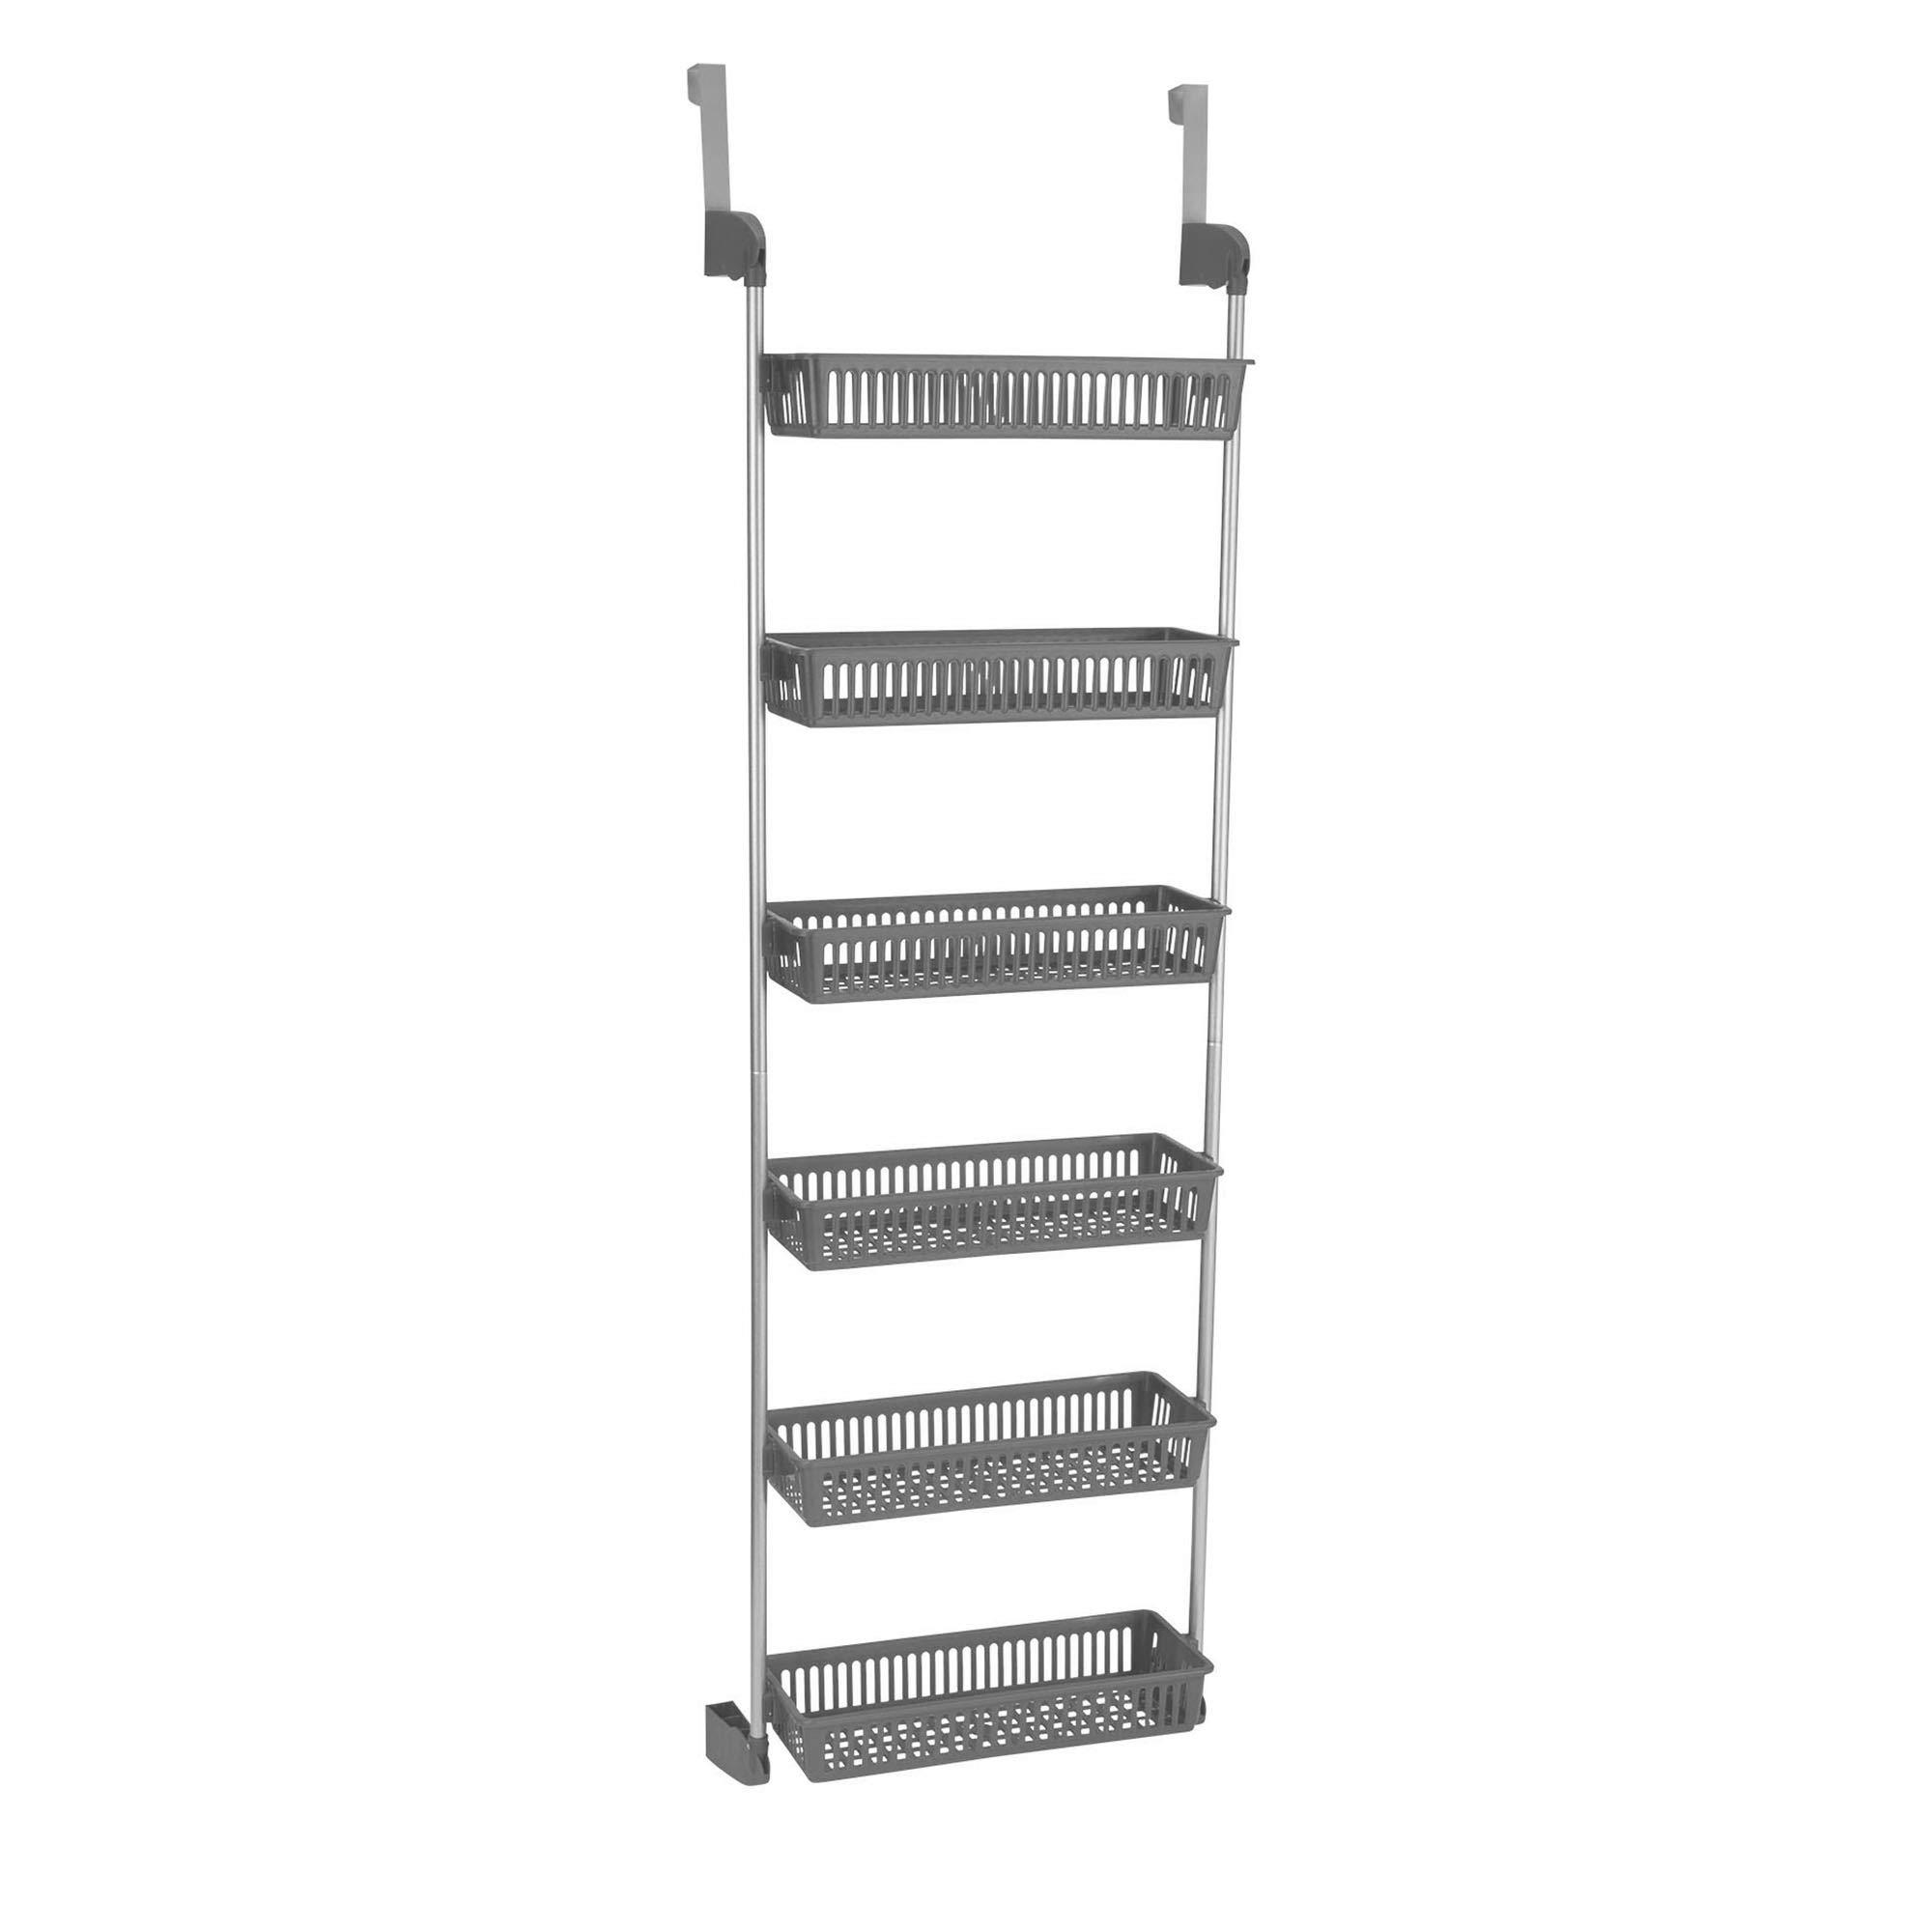 Household Essentials 2150-1 Over The Door Storage Shelves 6-Tier   Grey